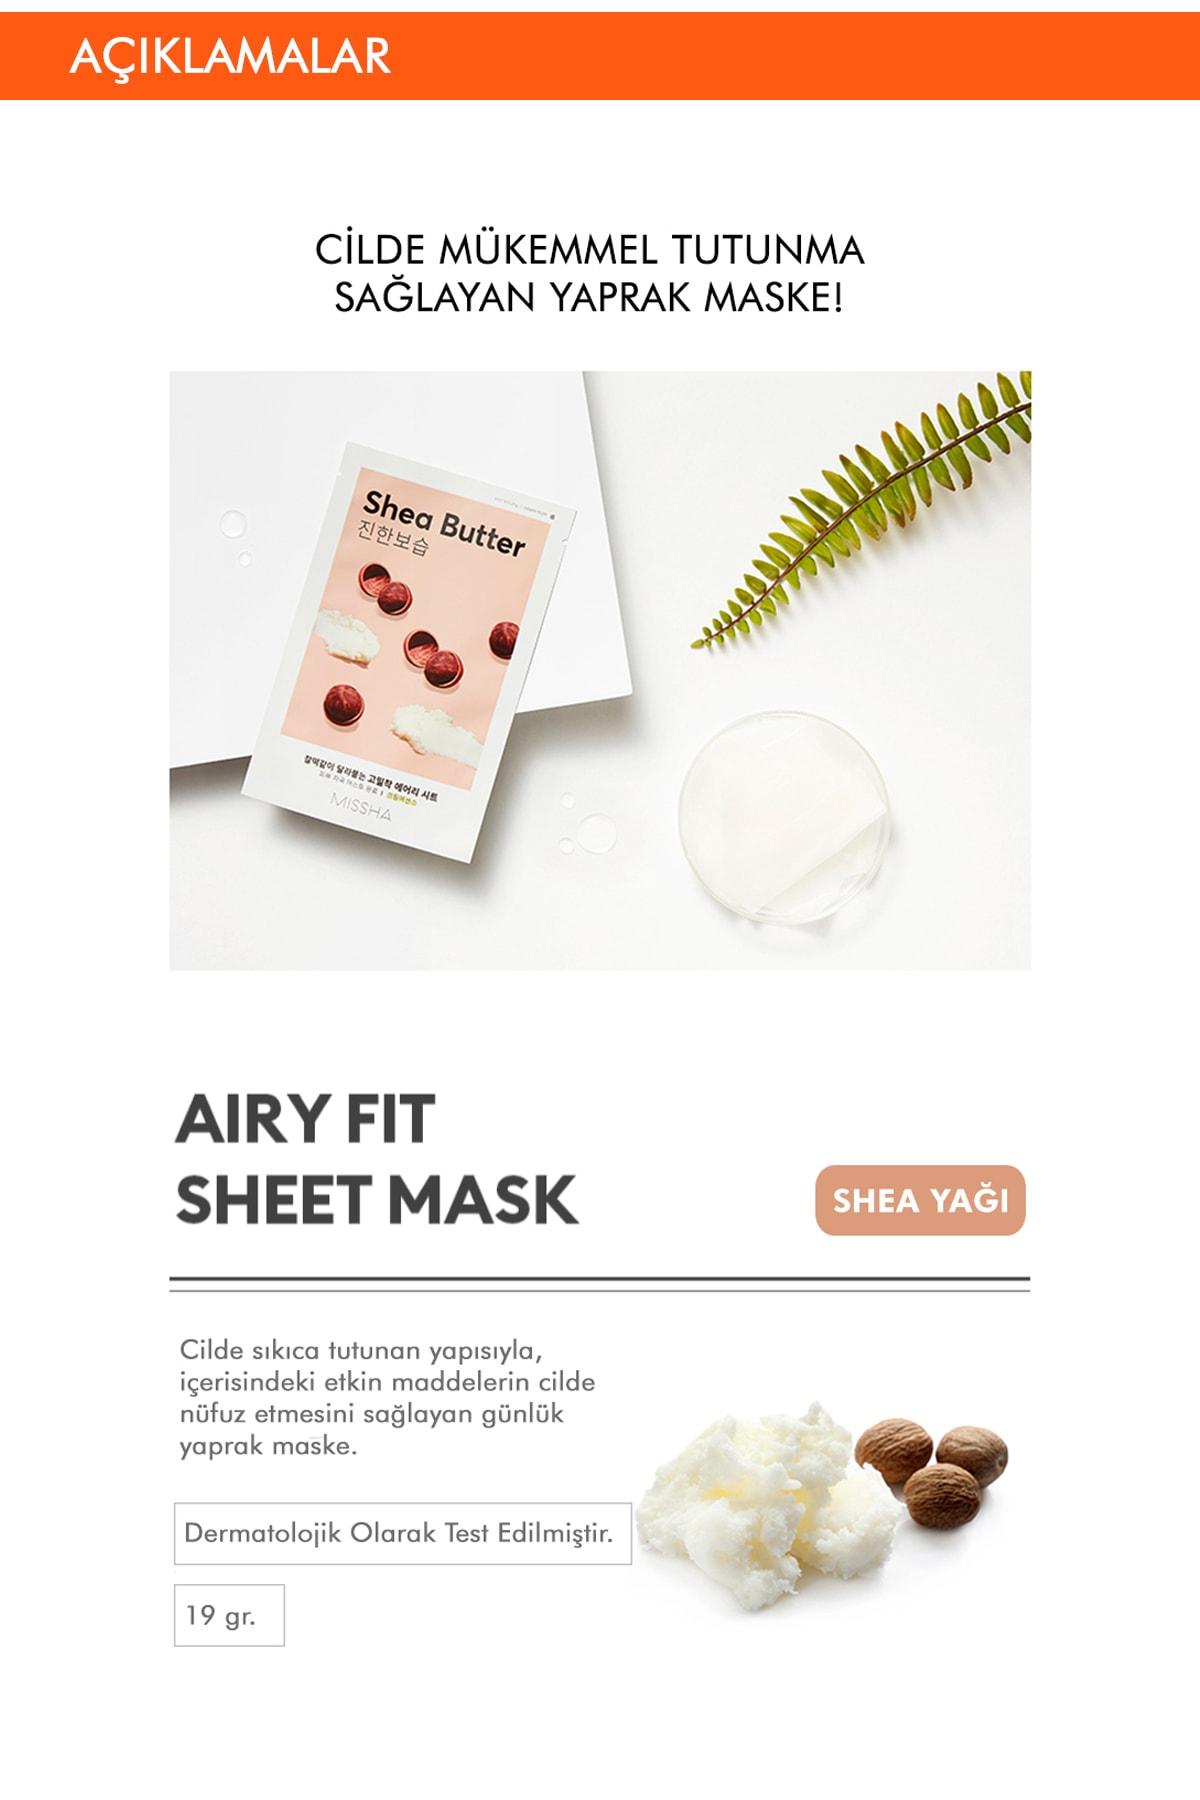 Missha Shea Yağı Besleyici ve Yoğun Nemlendirici Yaprak Maske (1ad) Airy Fit Sheet Mask Shea Butter 1